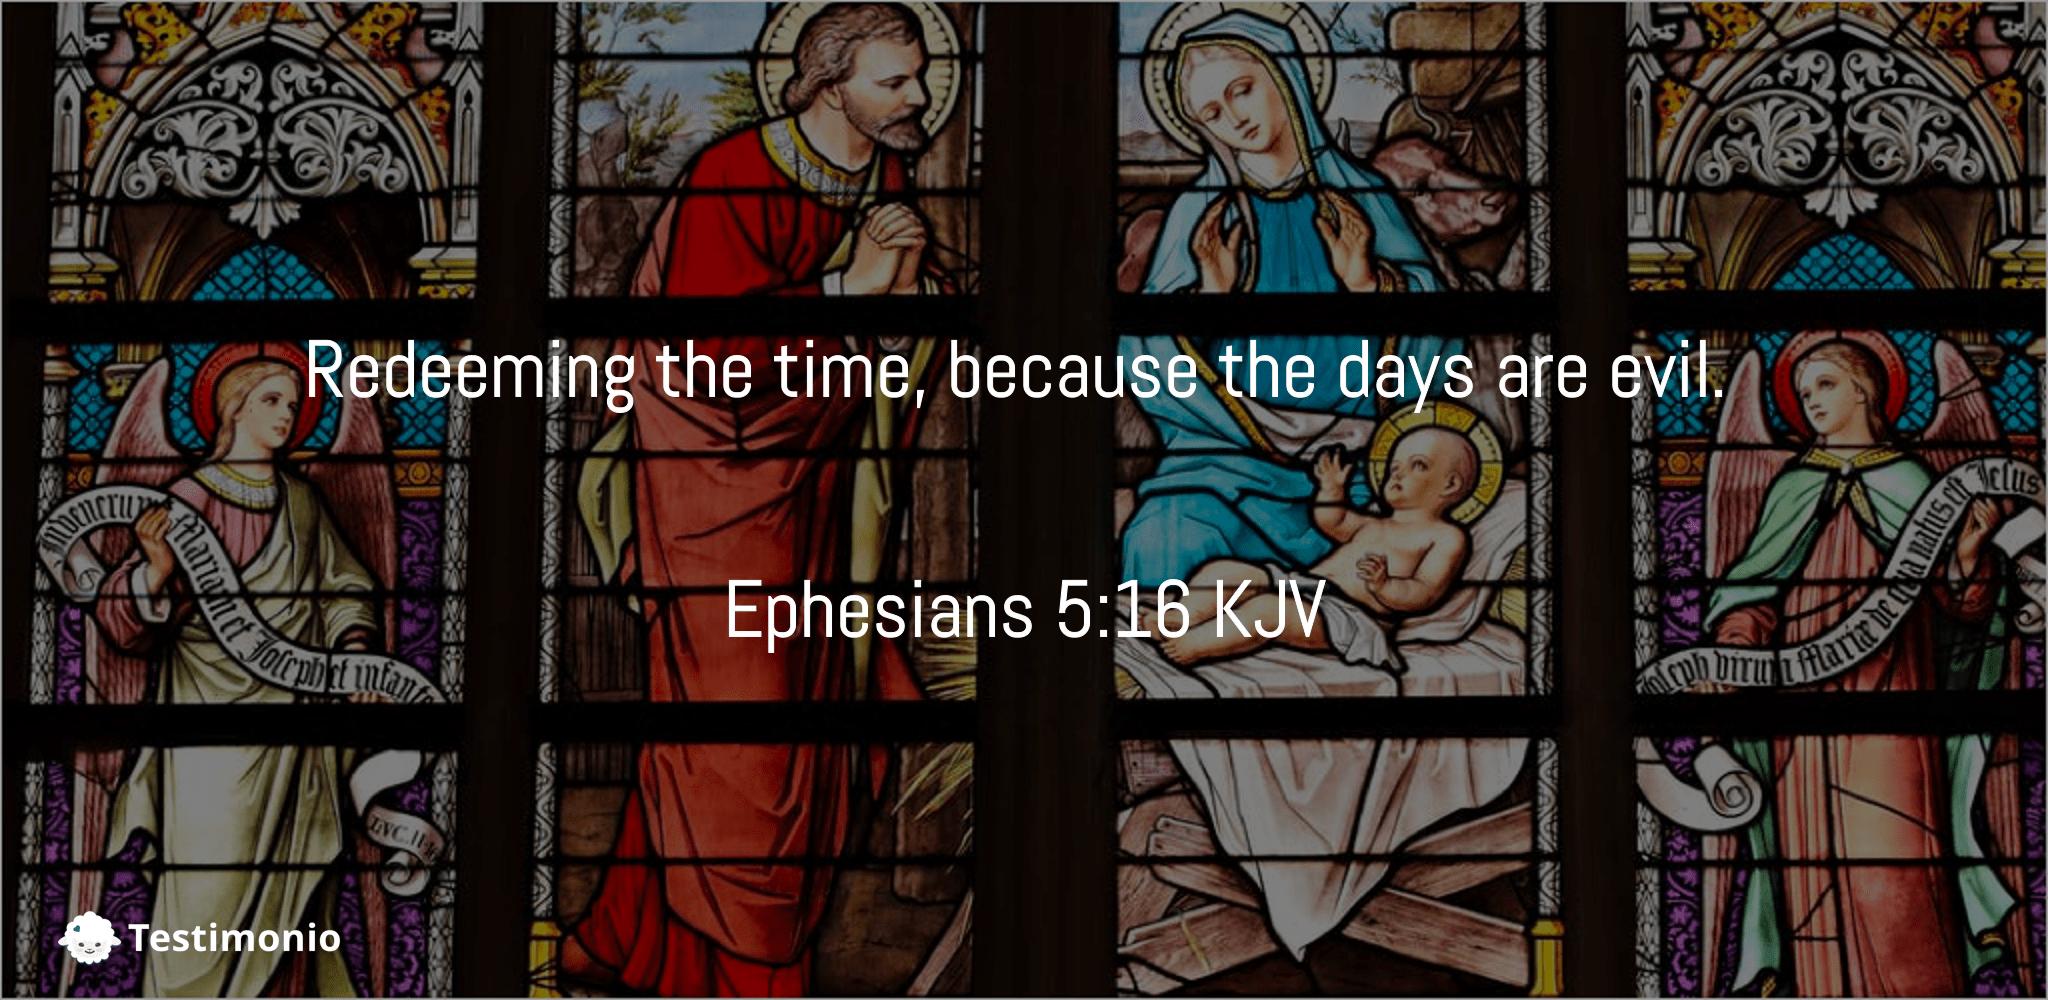 Ephesians 5:16